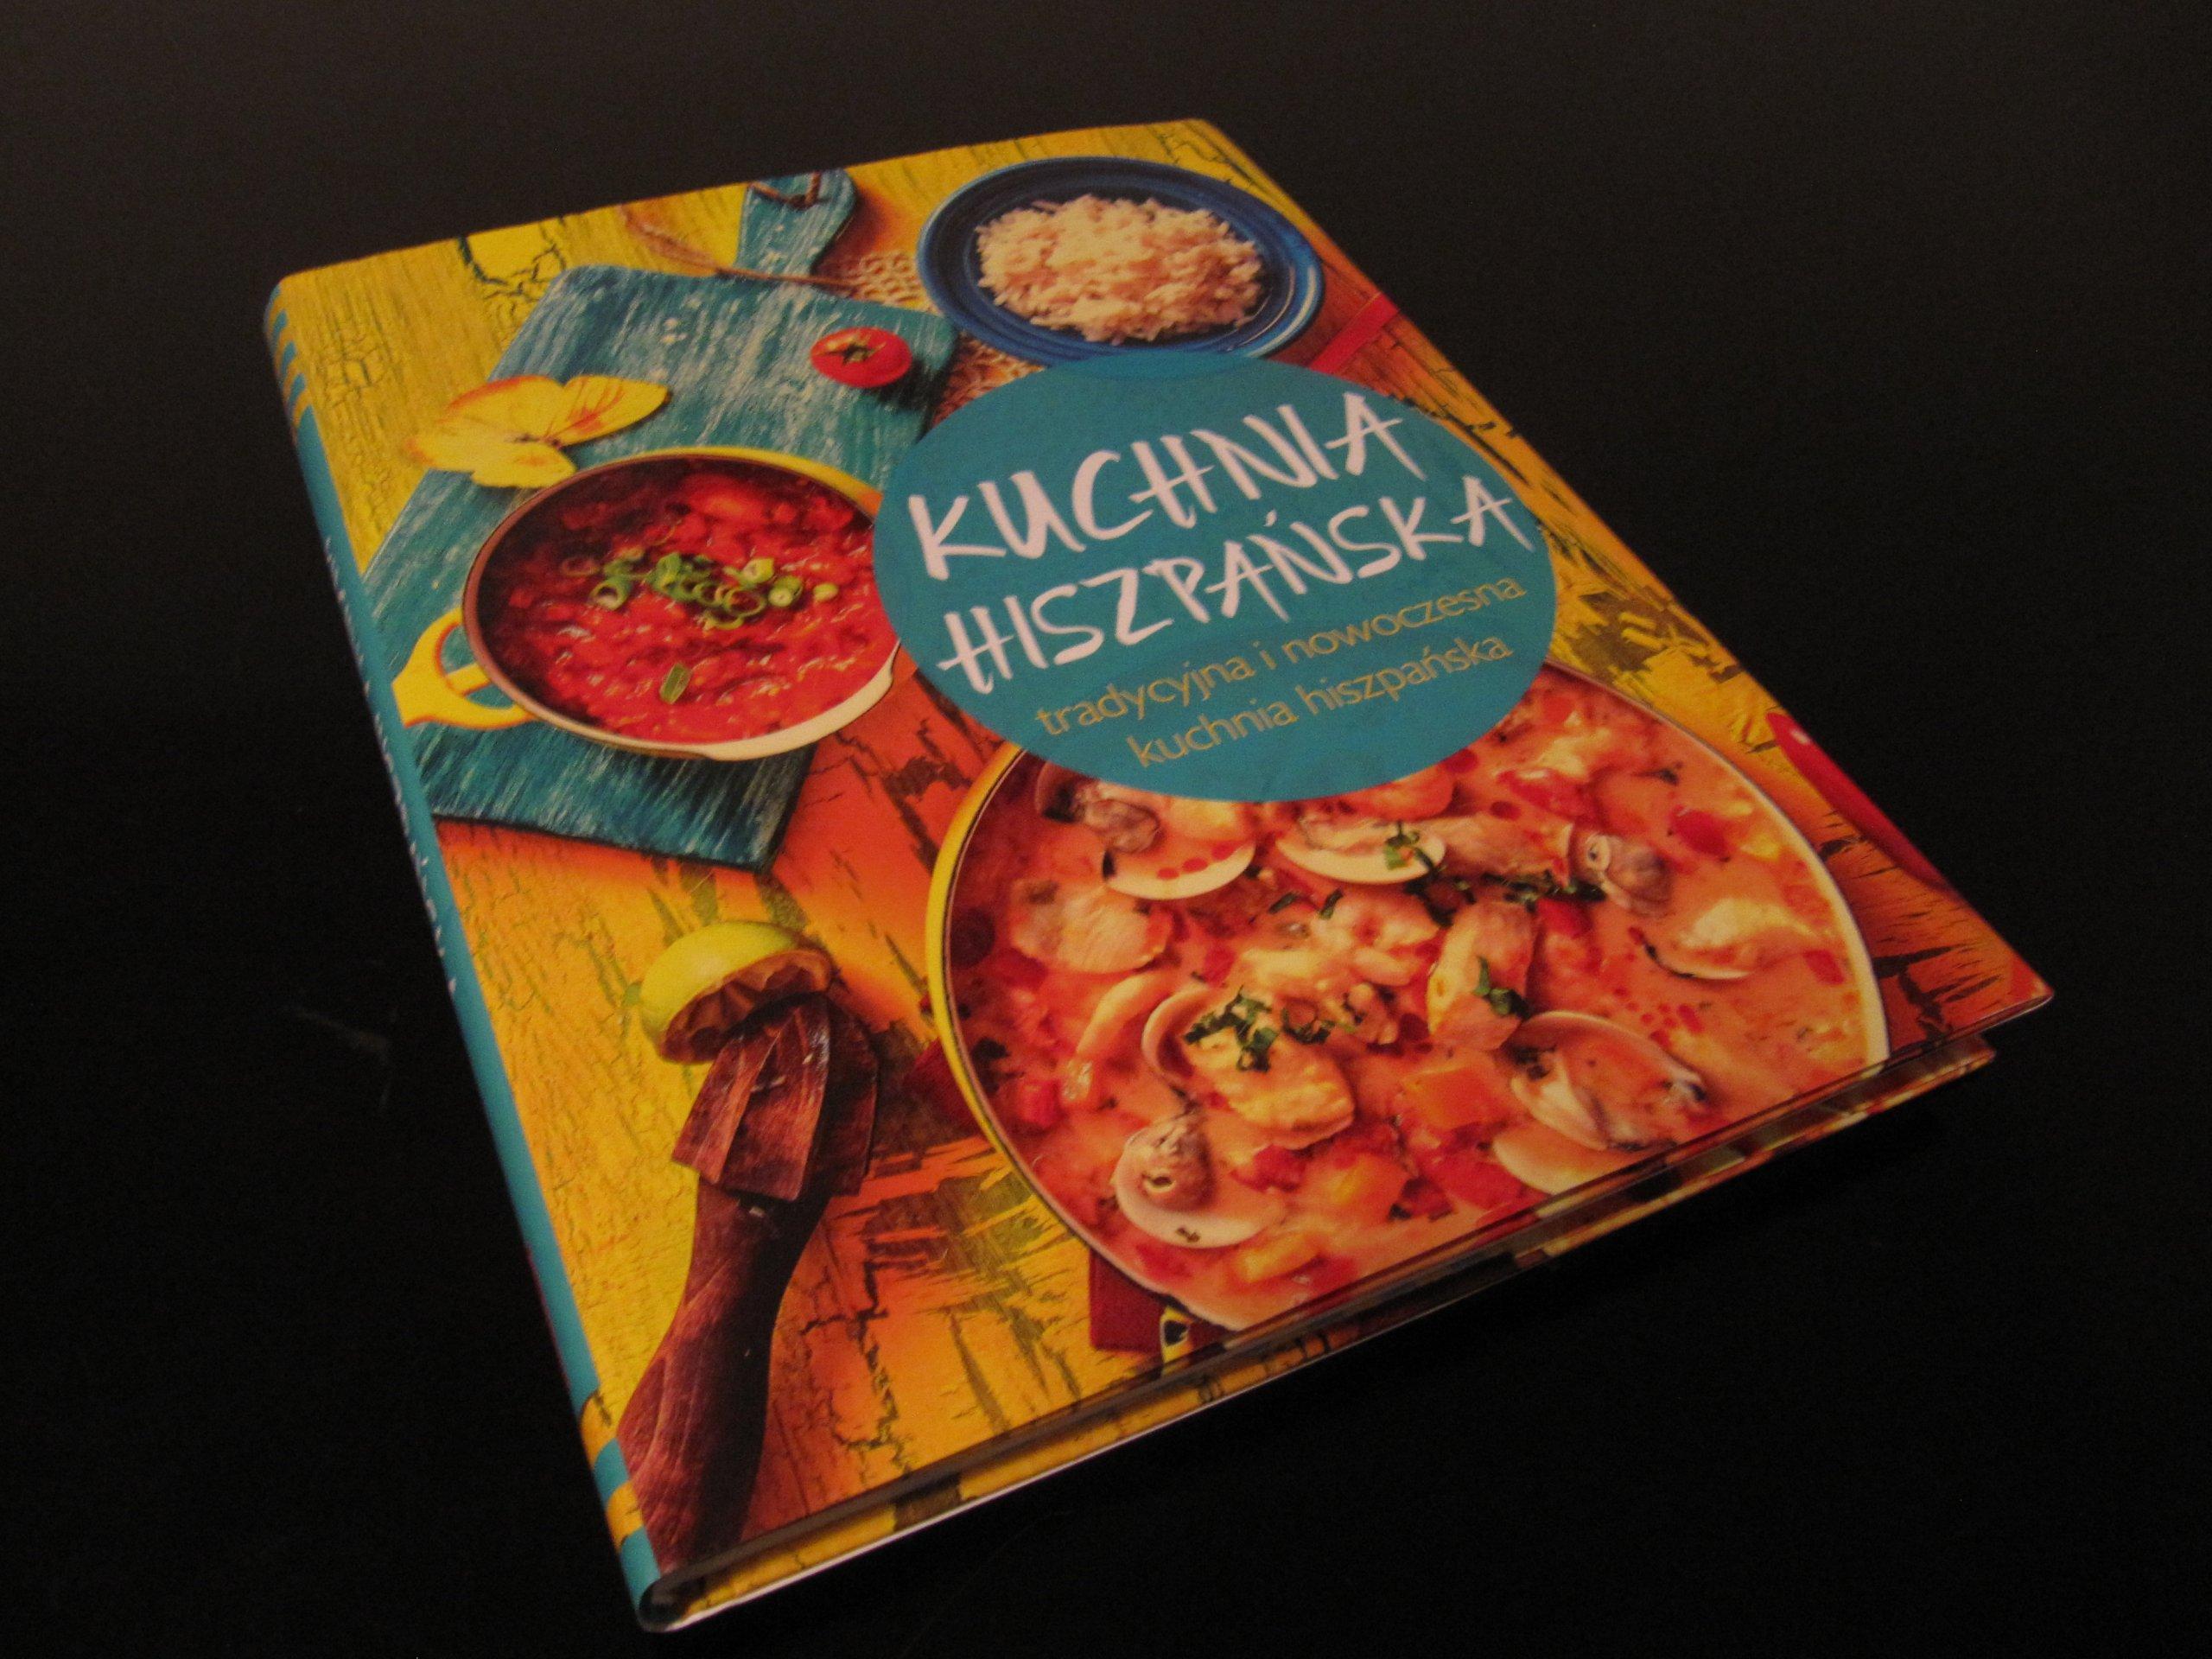 Kuchnia Hiszpańska Przepisy Hiszpania 7623012267